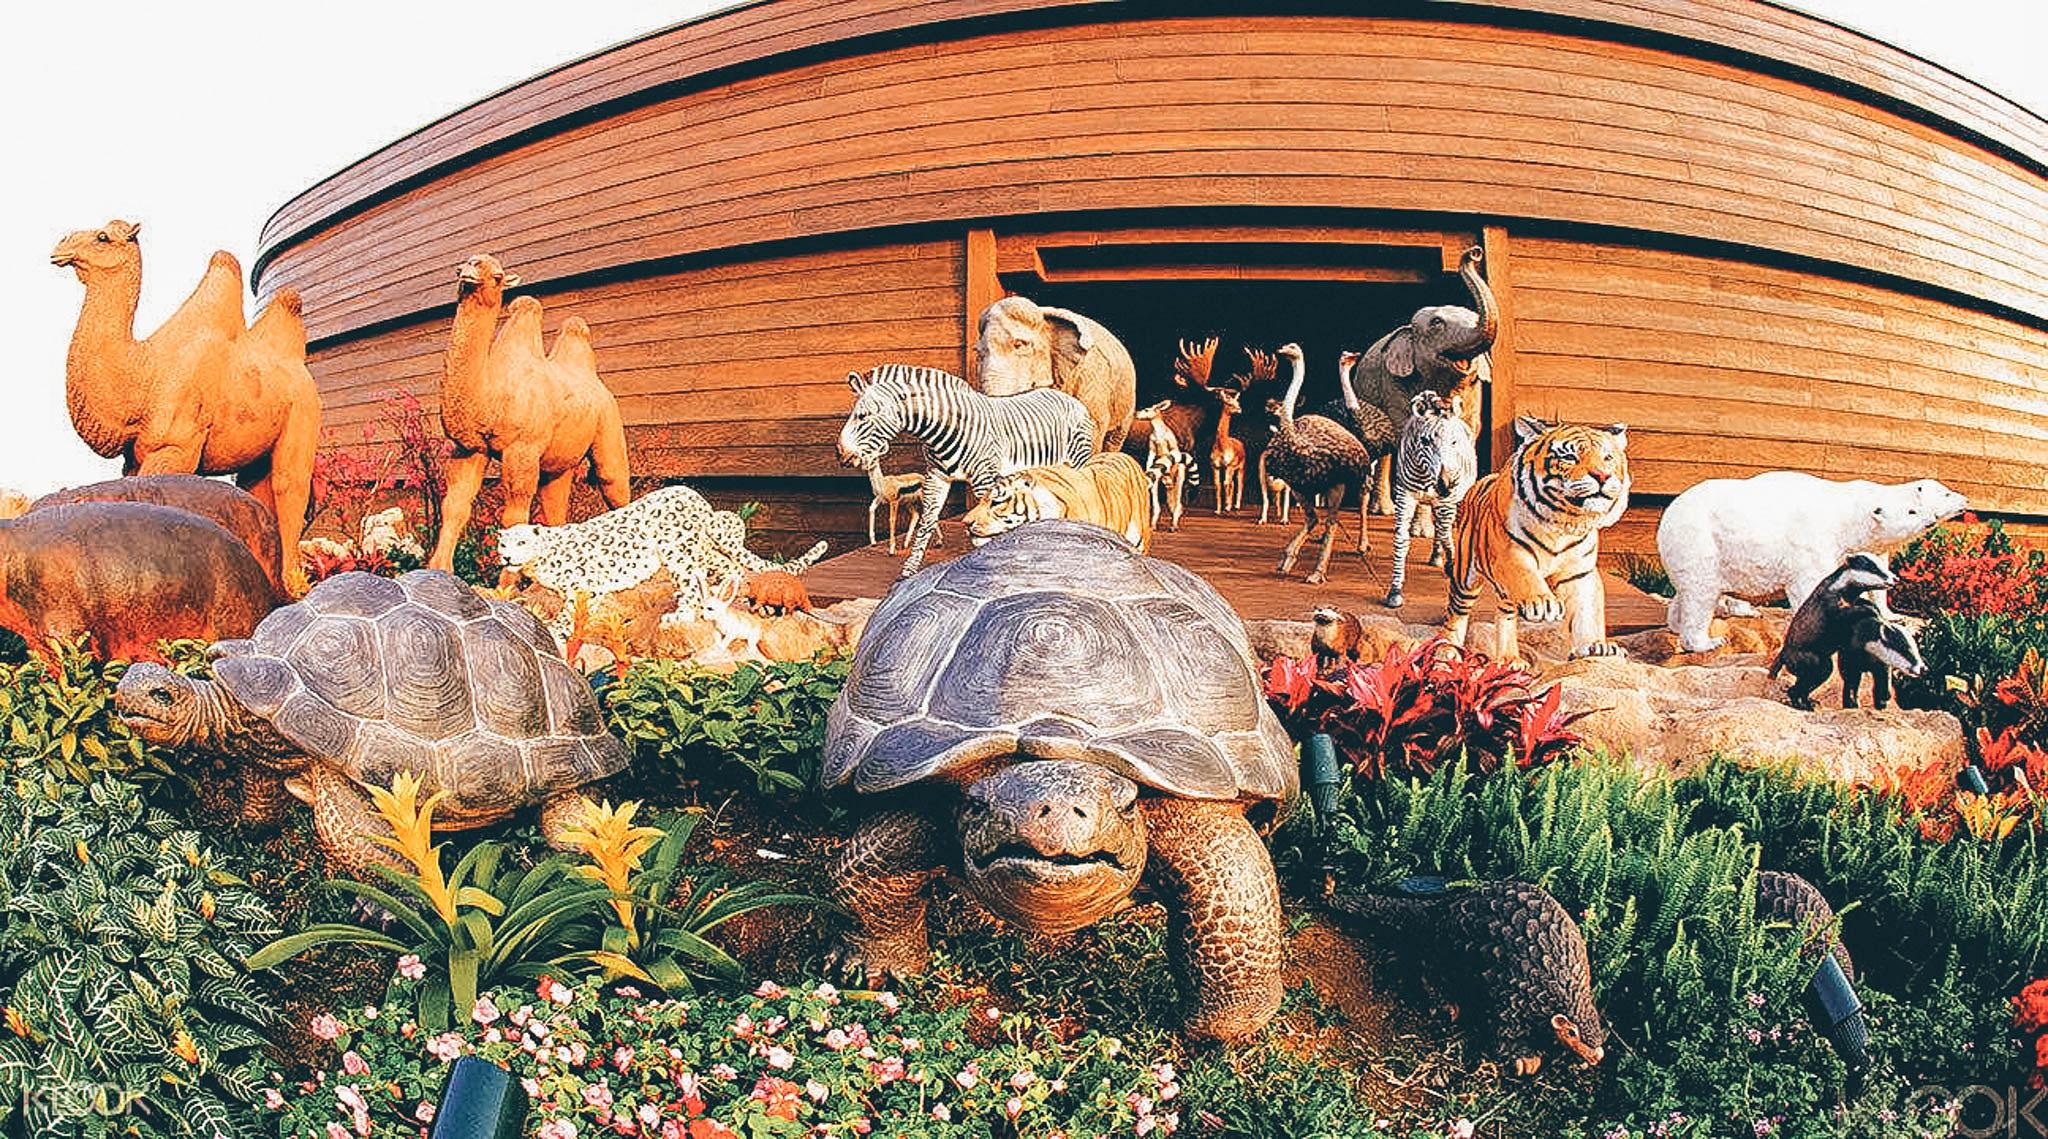 hongkong noah's ark